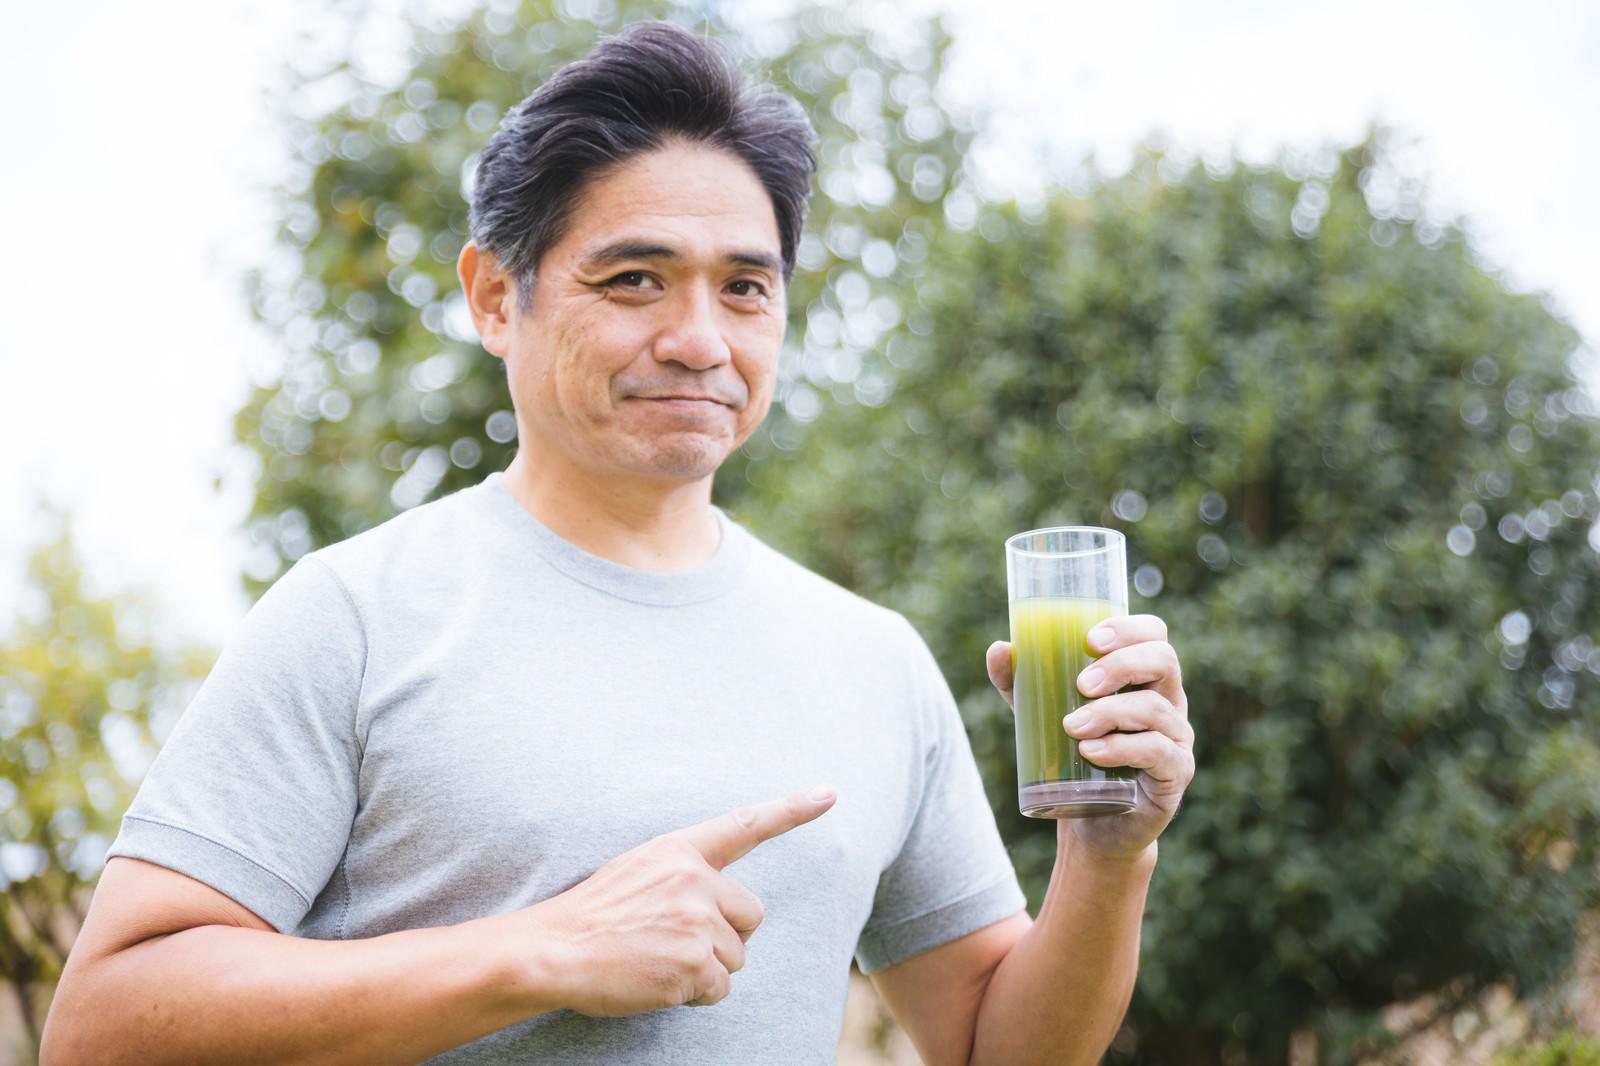 「私は毎日この青汁一杯で健康を保っています系私は毎日この青汁一杯で健康を保っています系」[モデル:よたか]のフリー写真素材を拡大